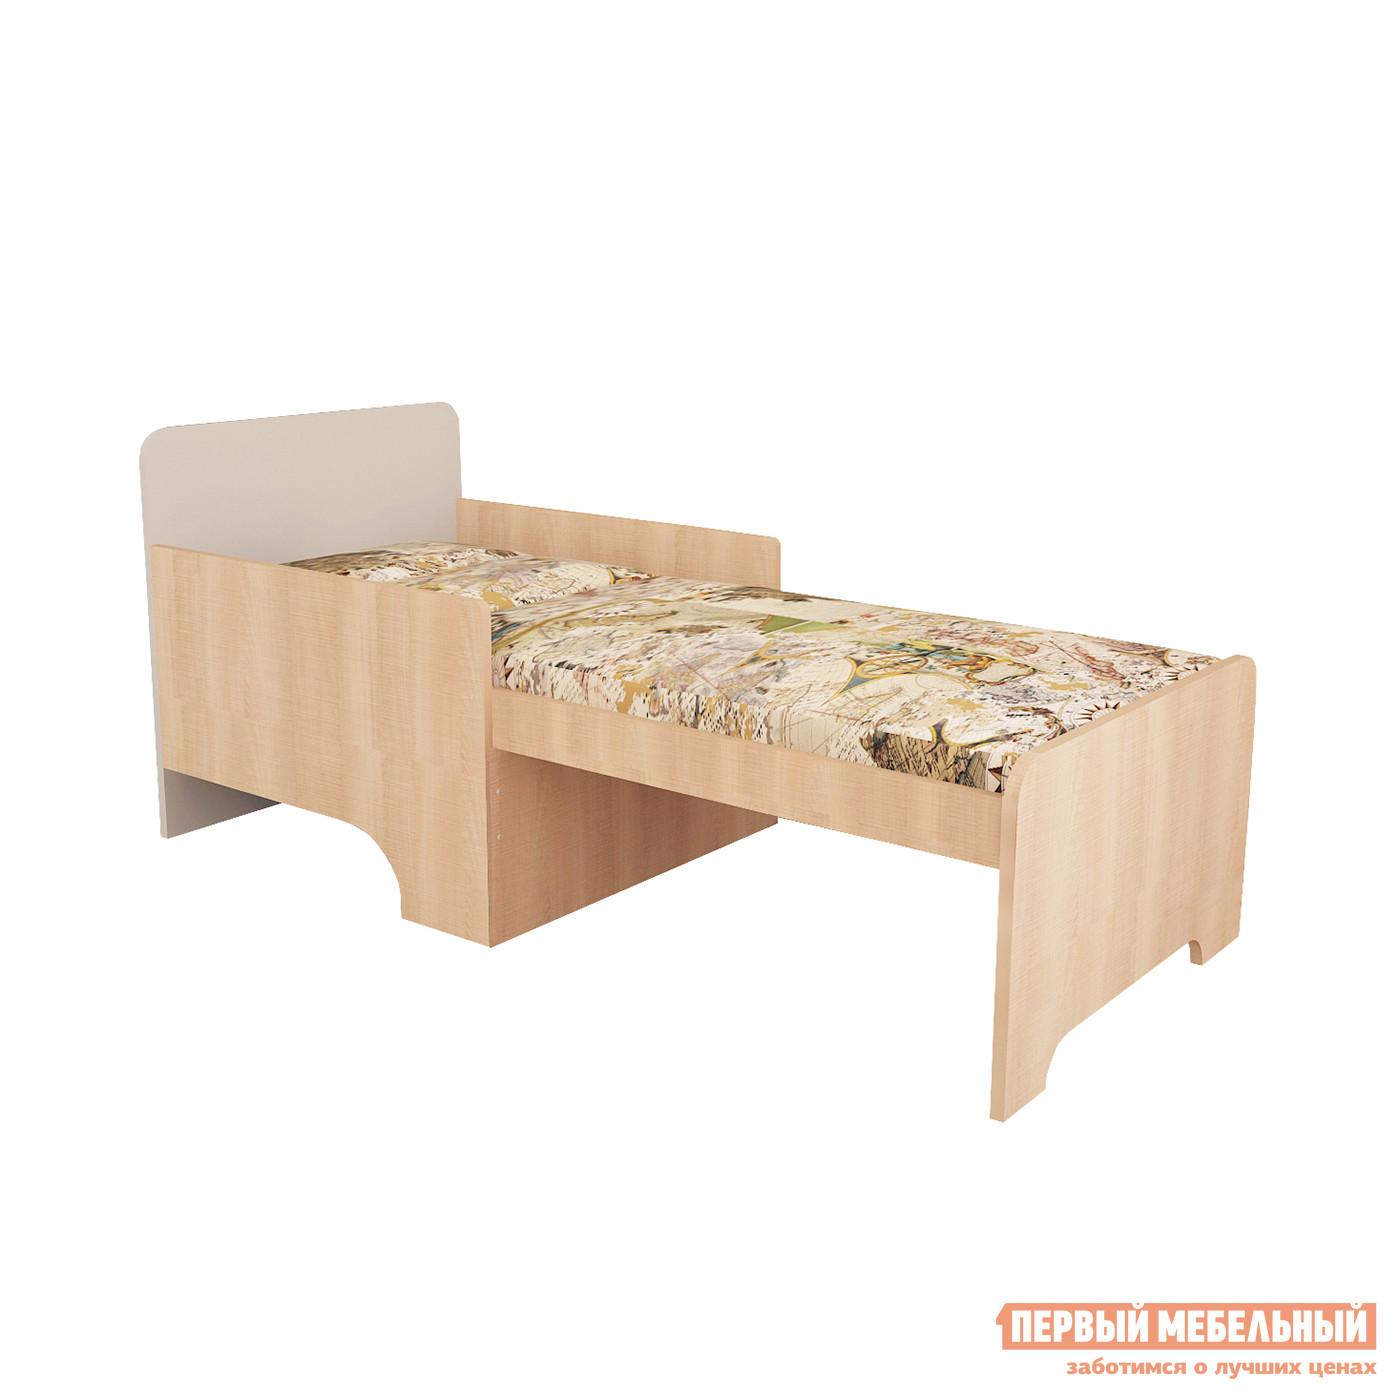 Кровать МО РОСТ Кровать вырастайка Первой цены Мадейра / СерыйОдноэтажные кровати<br>Габаритные размеры ВхШхГ 660x684x1232 / 1632 мм. Современная и лаконичная кровать для юных непосед будет расти вместе со своим обладателем. Удобный матрас и подушки, которые входят в комплект, подарят только самые приятные сновидения. Материал изготовления — ЛДСП.<br><br>Цвет: Серый<br>Цвет: Светлое дерево<br>Высота мм: 660<br>Ширина мм: 684<br>Глубина мм: 1232 / 1632<br>Кол-во упаковок: 2<br>Форма поставки: В разобранном виде<br>Срок гарантии: 1 год<br>С бортиками: Да<br>С матрасом: Да<br>Возраст: От 3-х лет<br>Пол: Для девочек<br>Пол: Для мальчиков